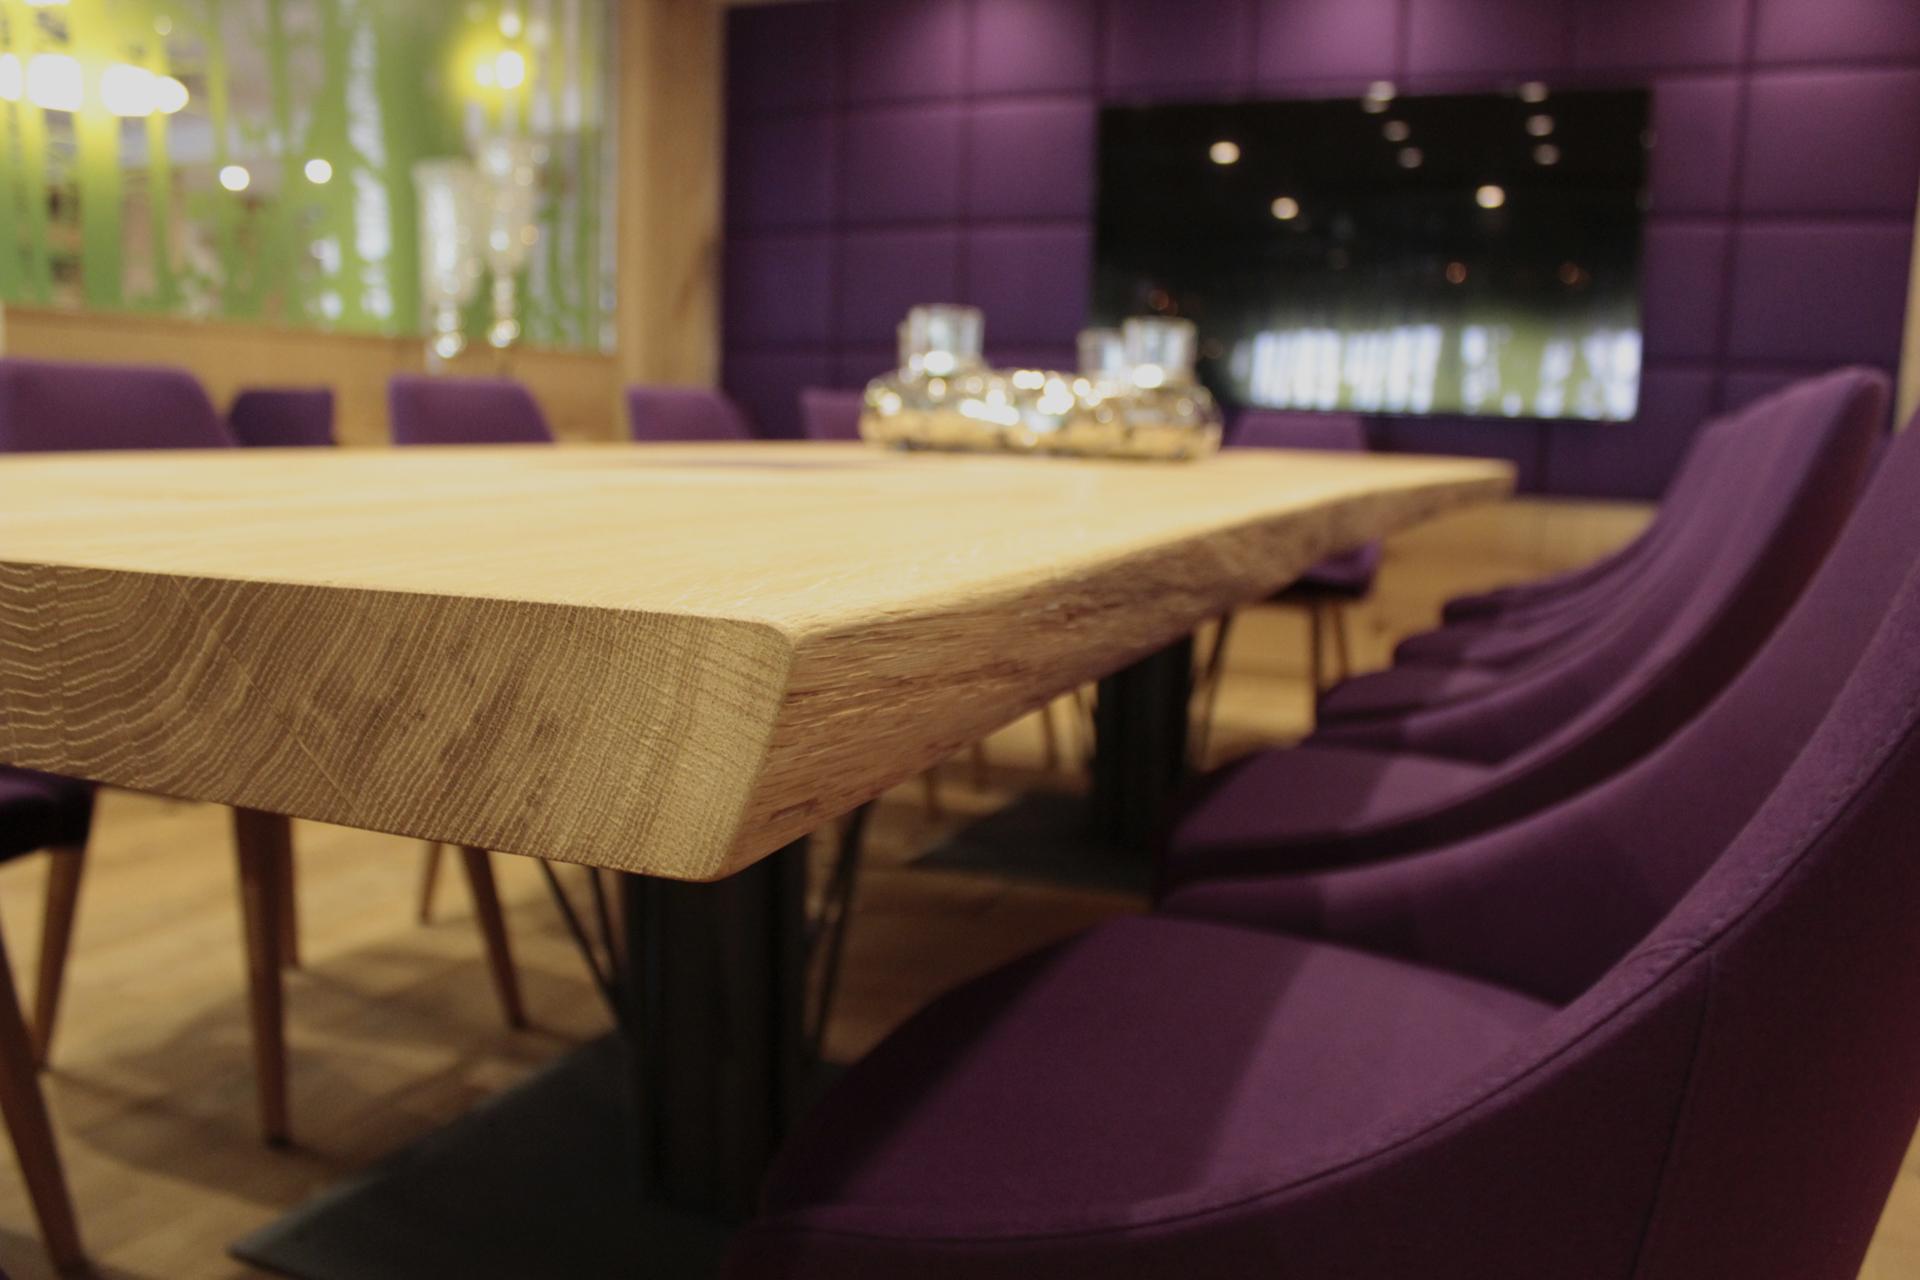 tischlerei-decker-hotel-schoenbuch-restaurant-detail-essbereich-violett